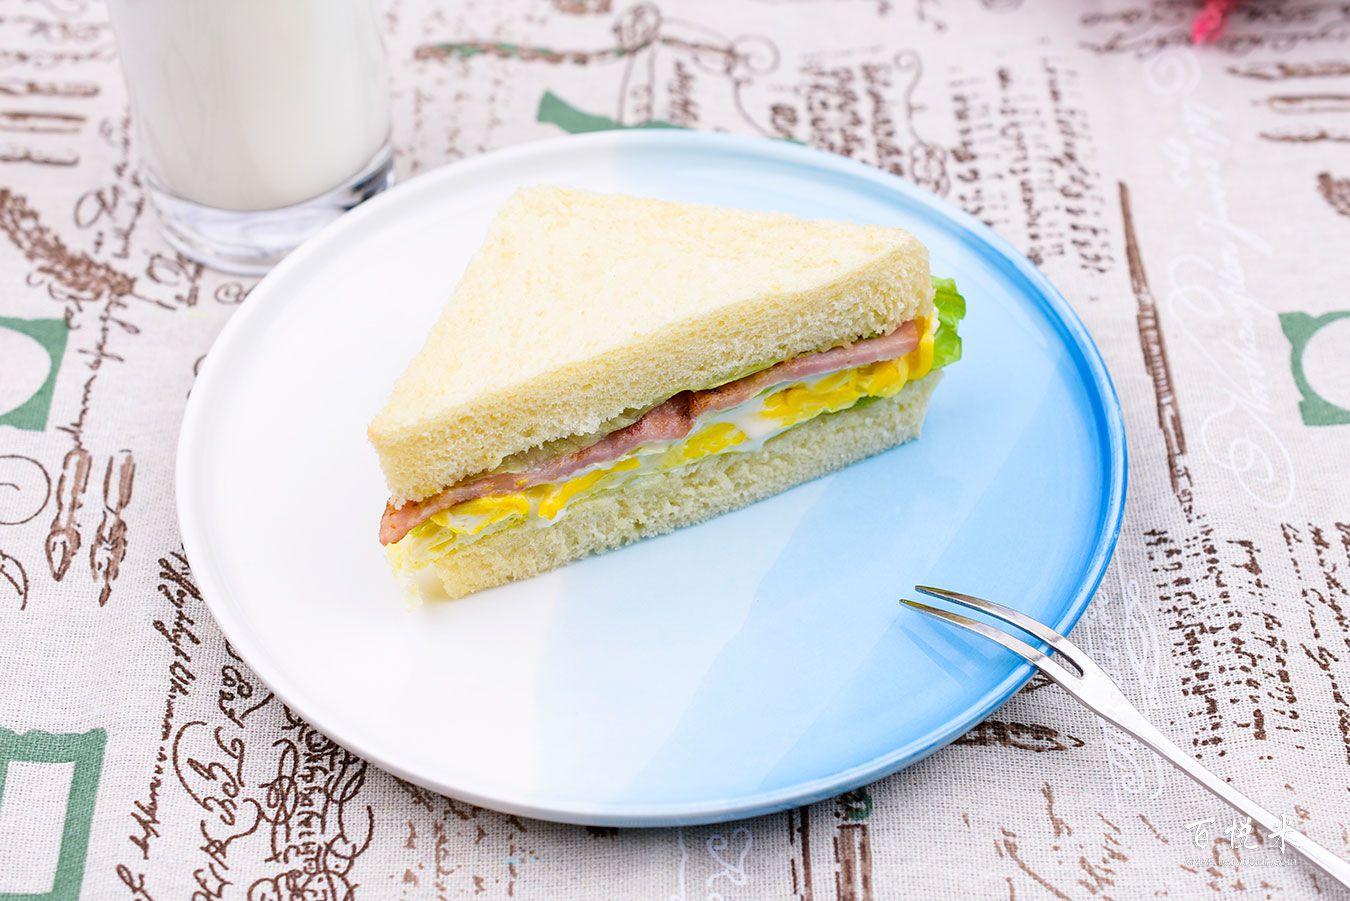 三明治高清图片大全【蛋糕图片】_624